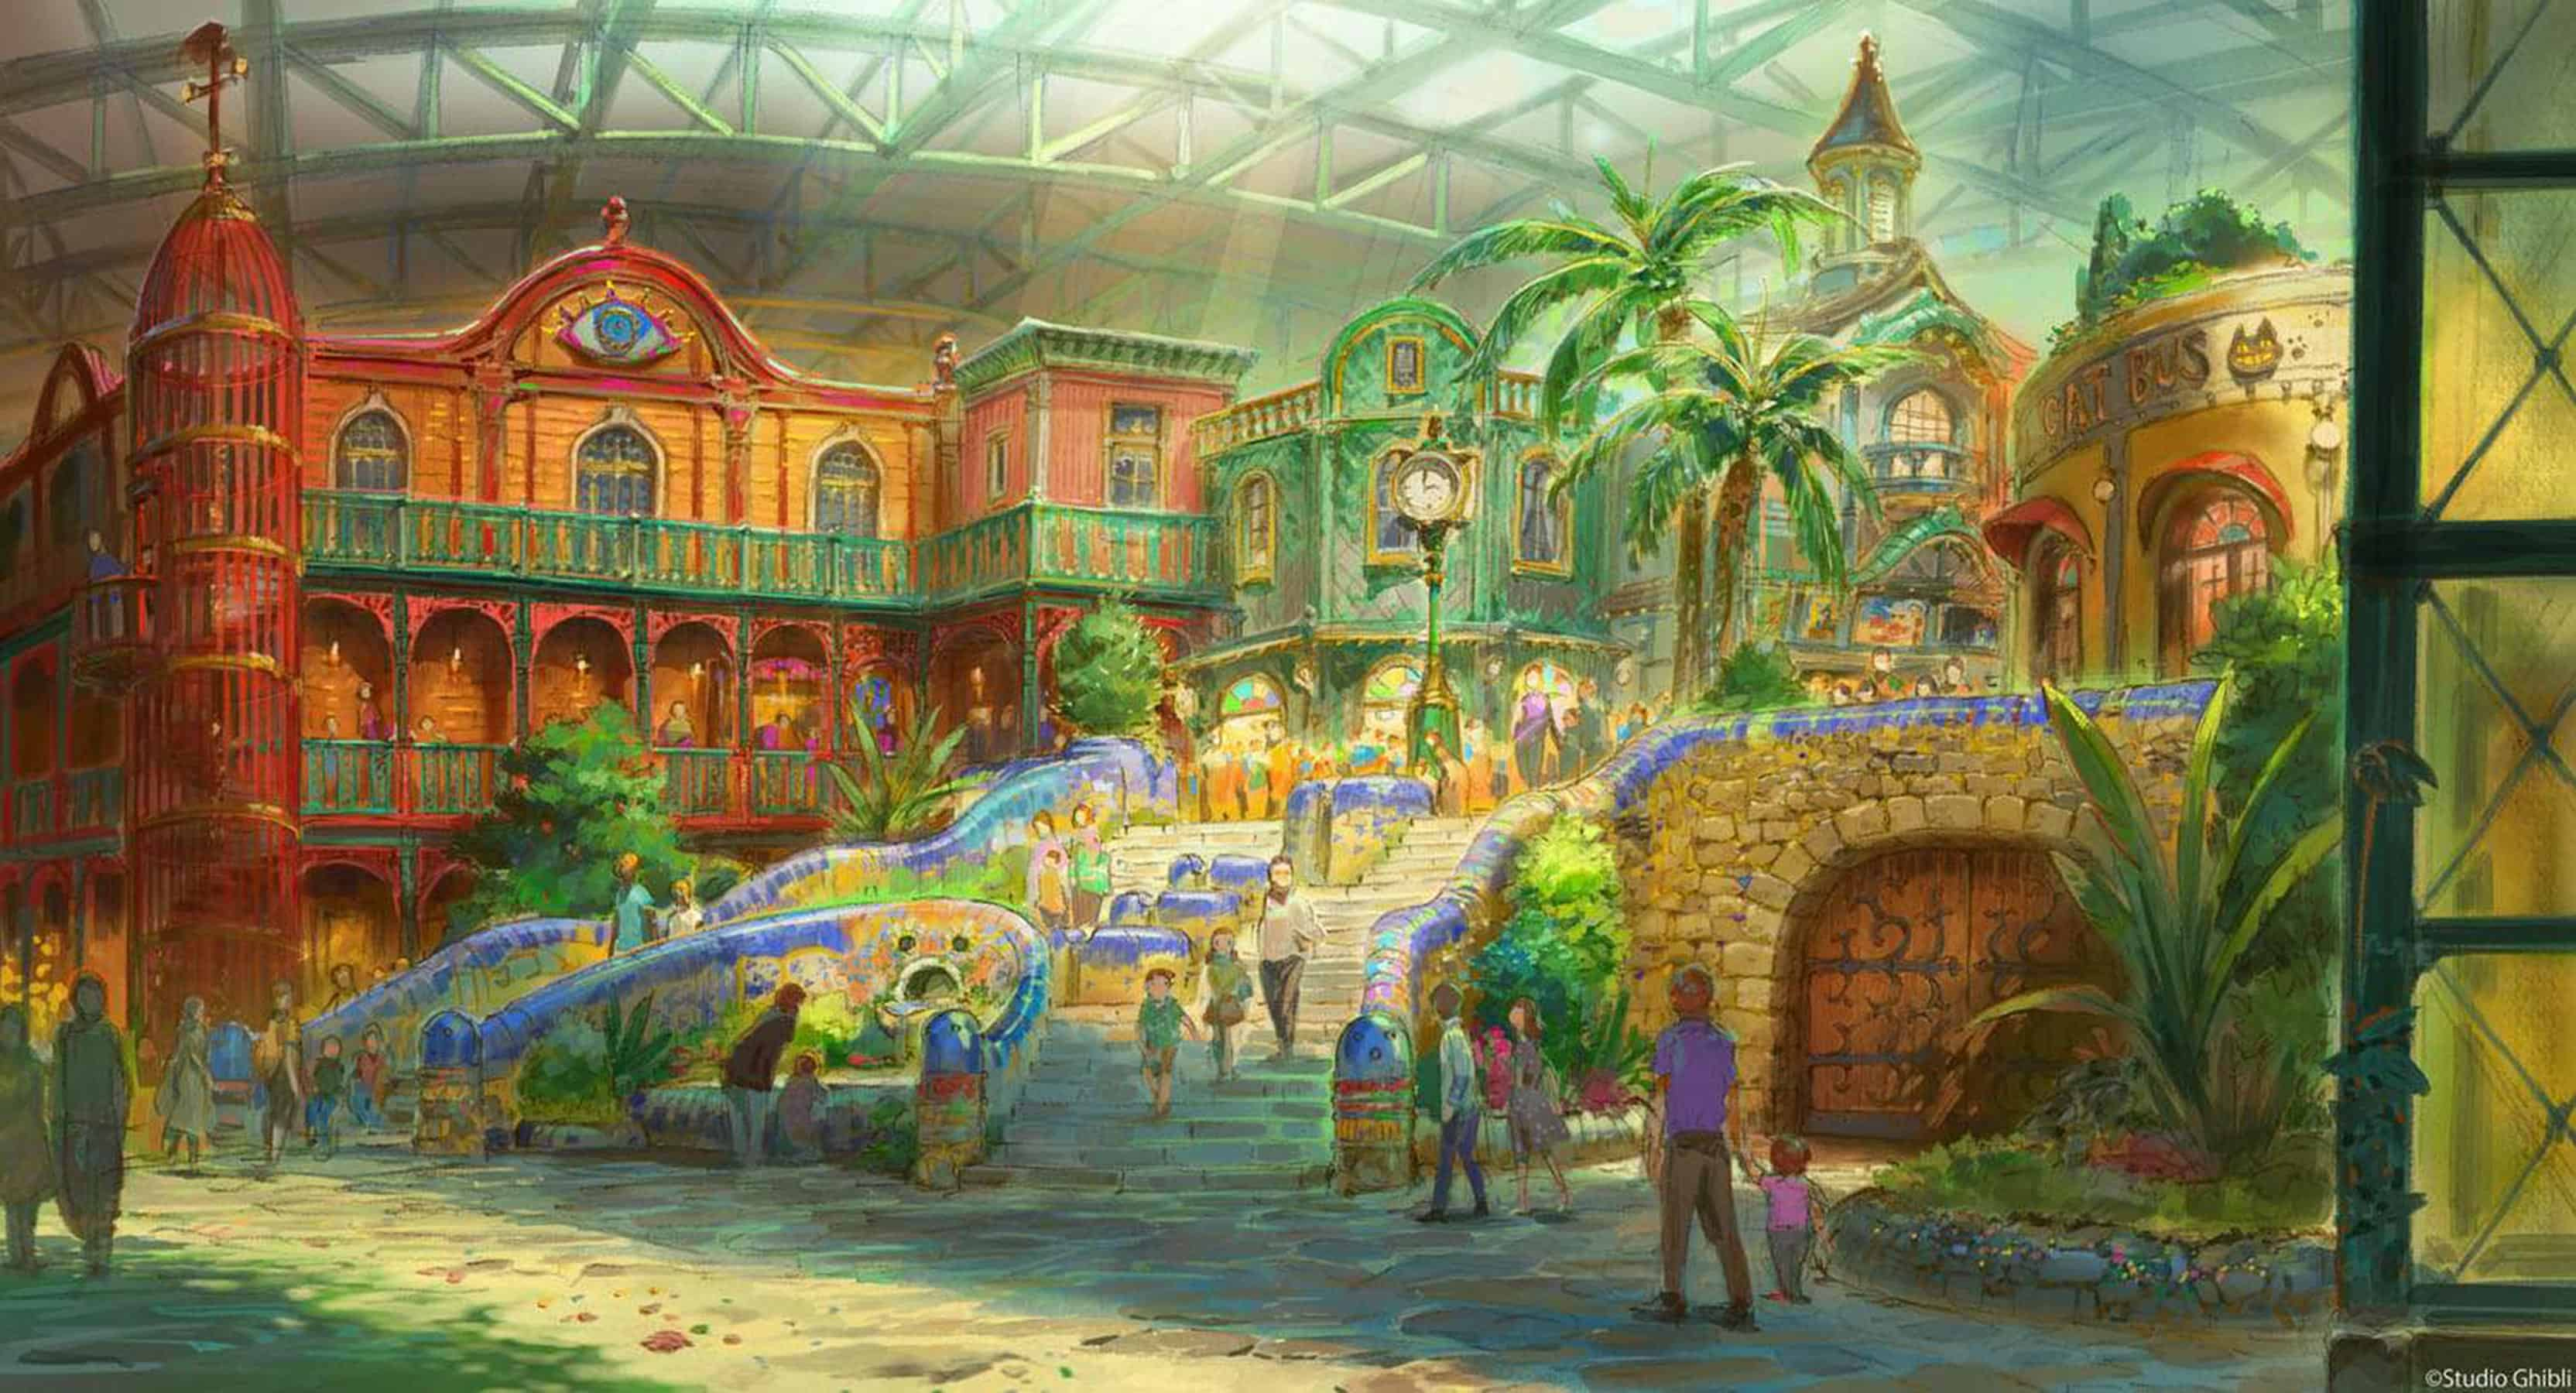 Parque de diversões temático do Studio Ghibli